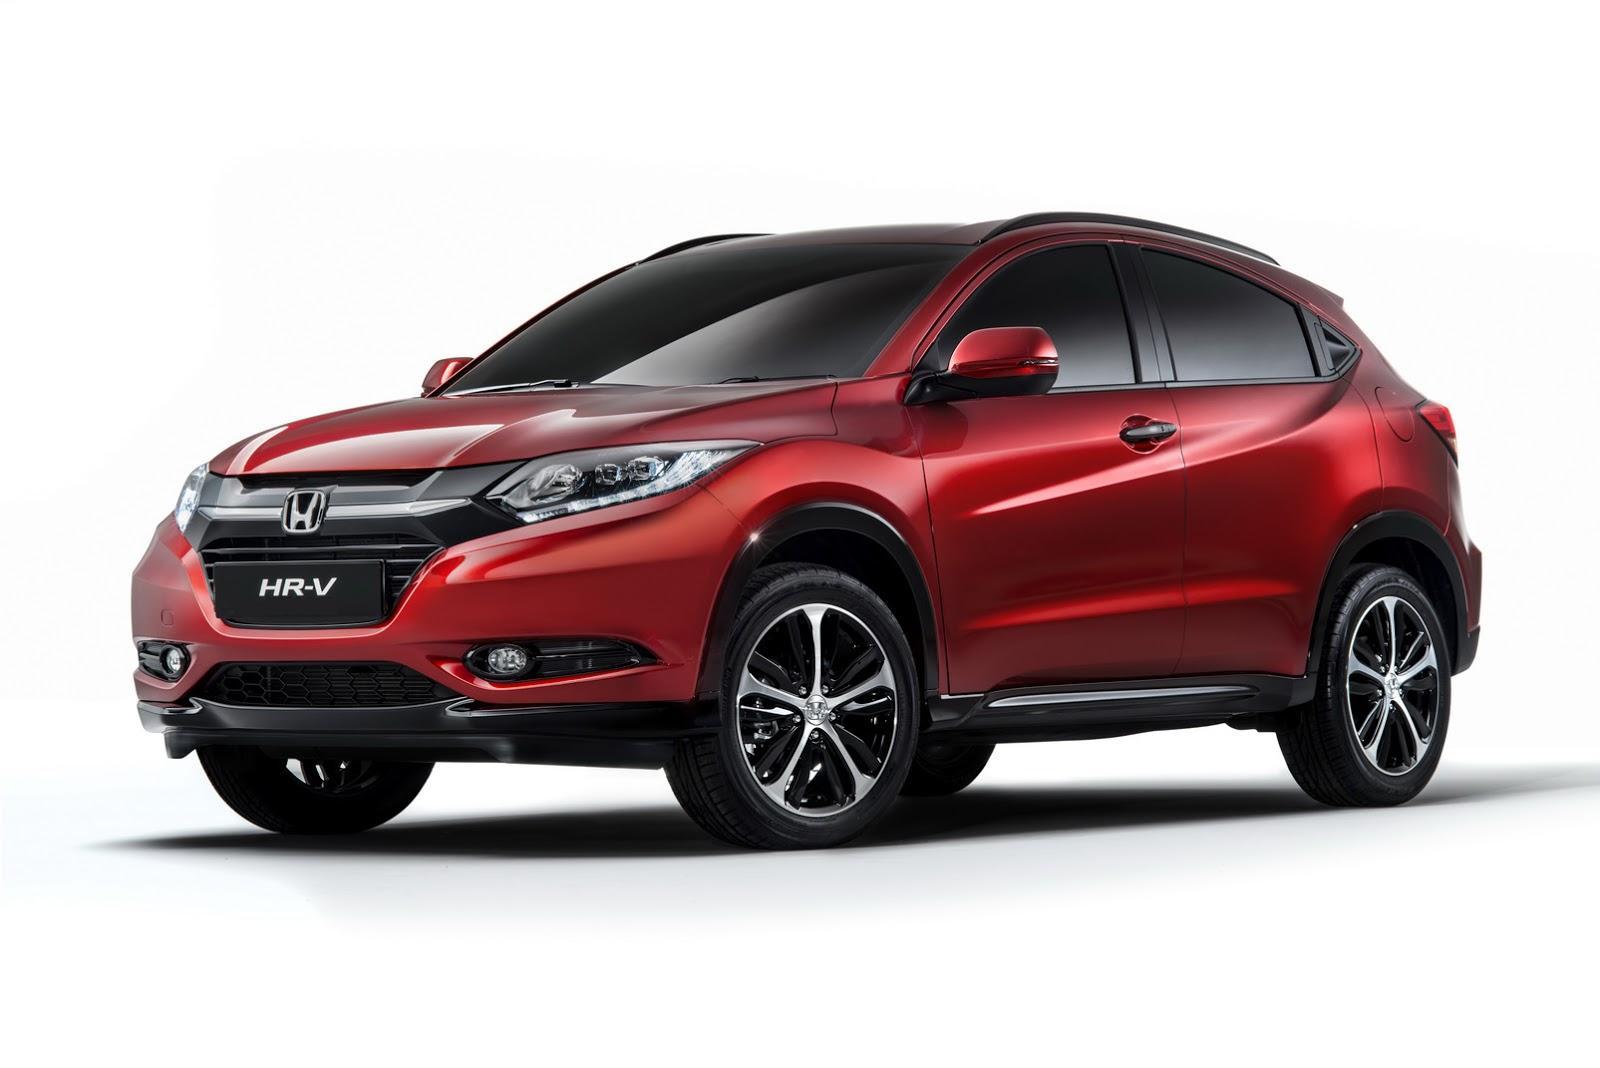 Honda HR-V Daftar Harga HR-V Terbaru 2016